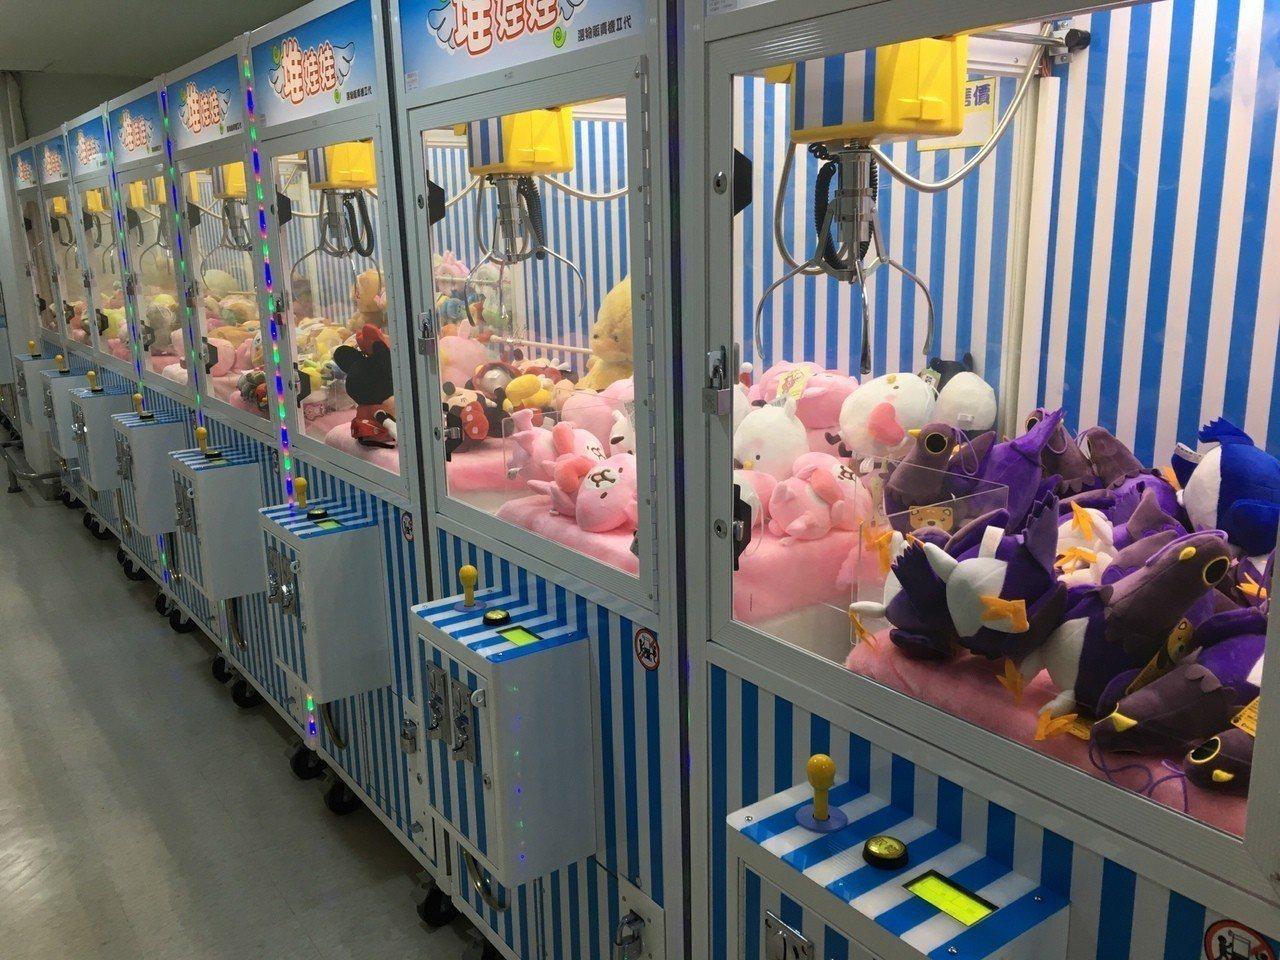 夾娃娃機店示意圖,與本案無關。圖/報系資料照